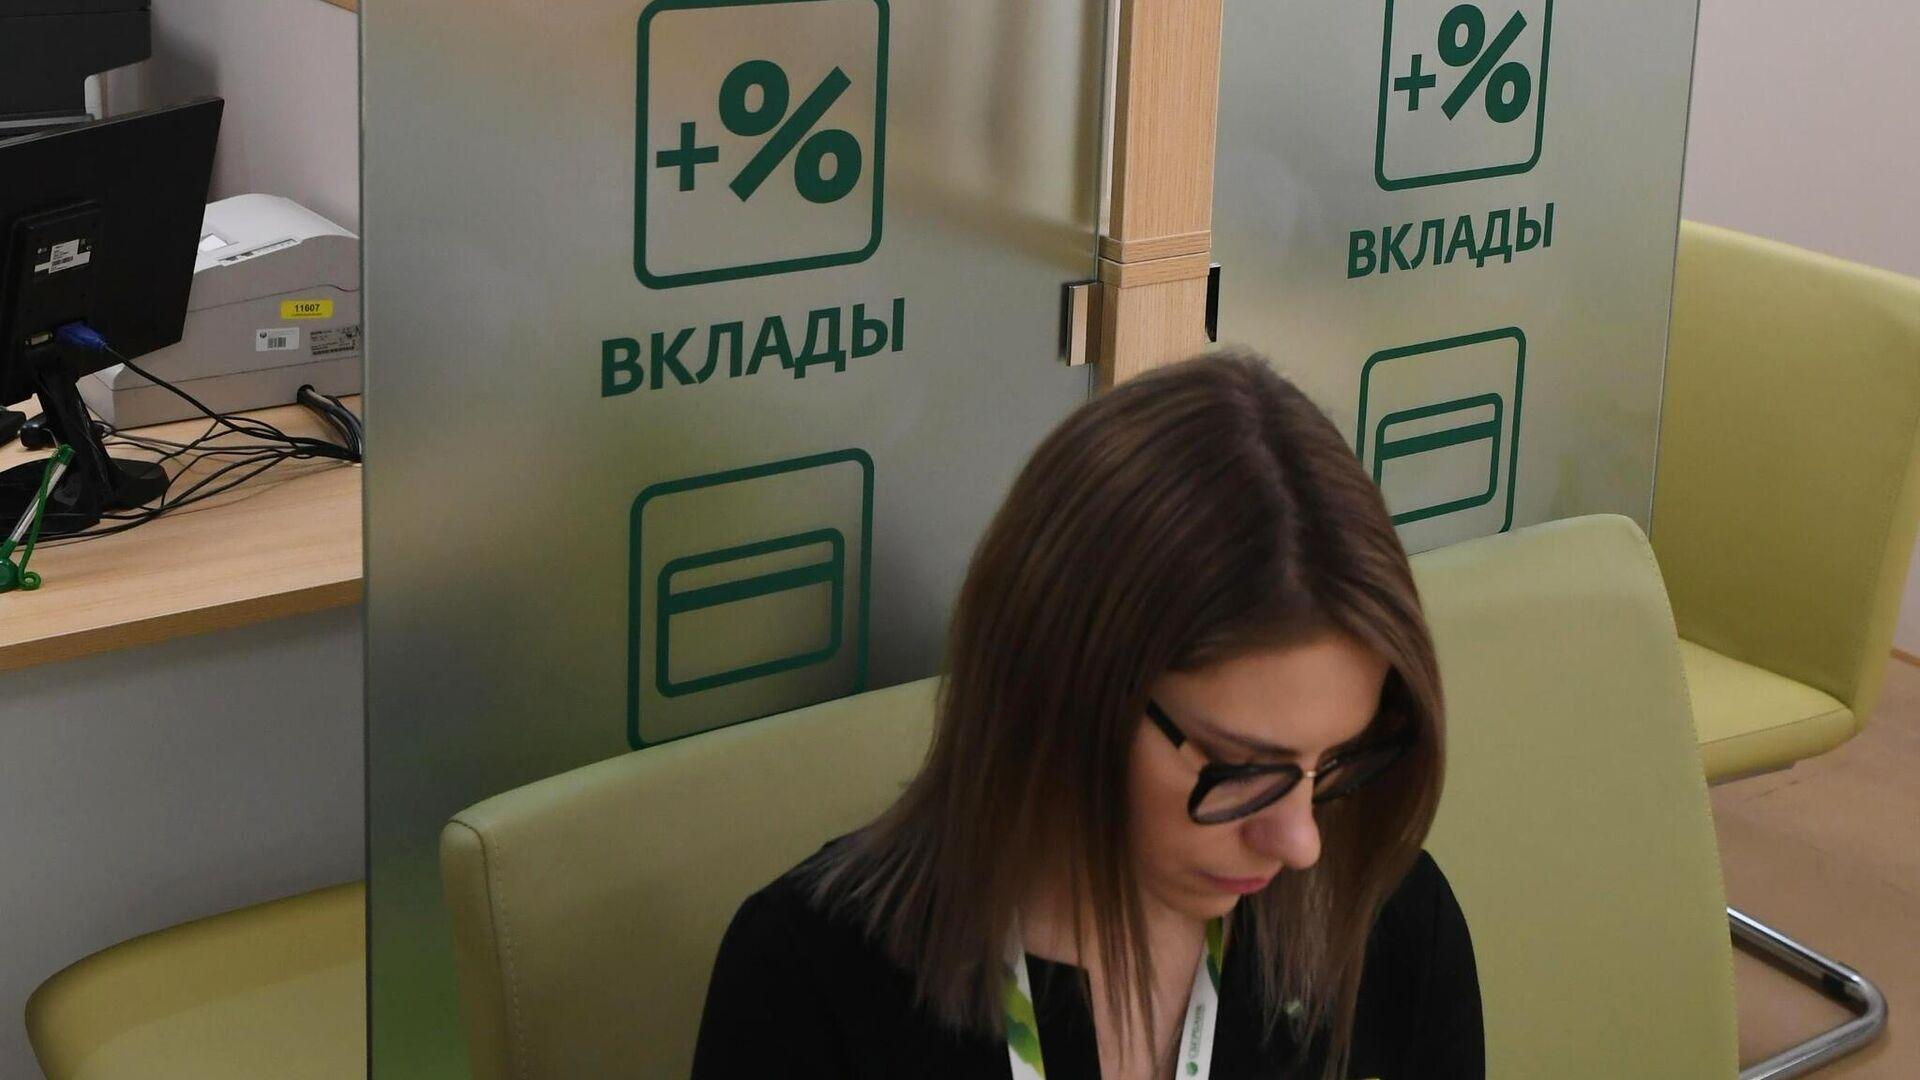 Сотрудница в отделении банка - РИА Новости, 1920, 04.03.2021